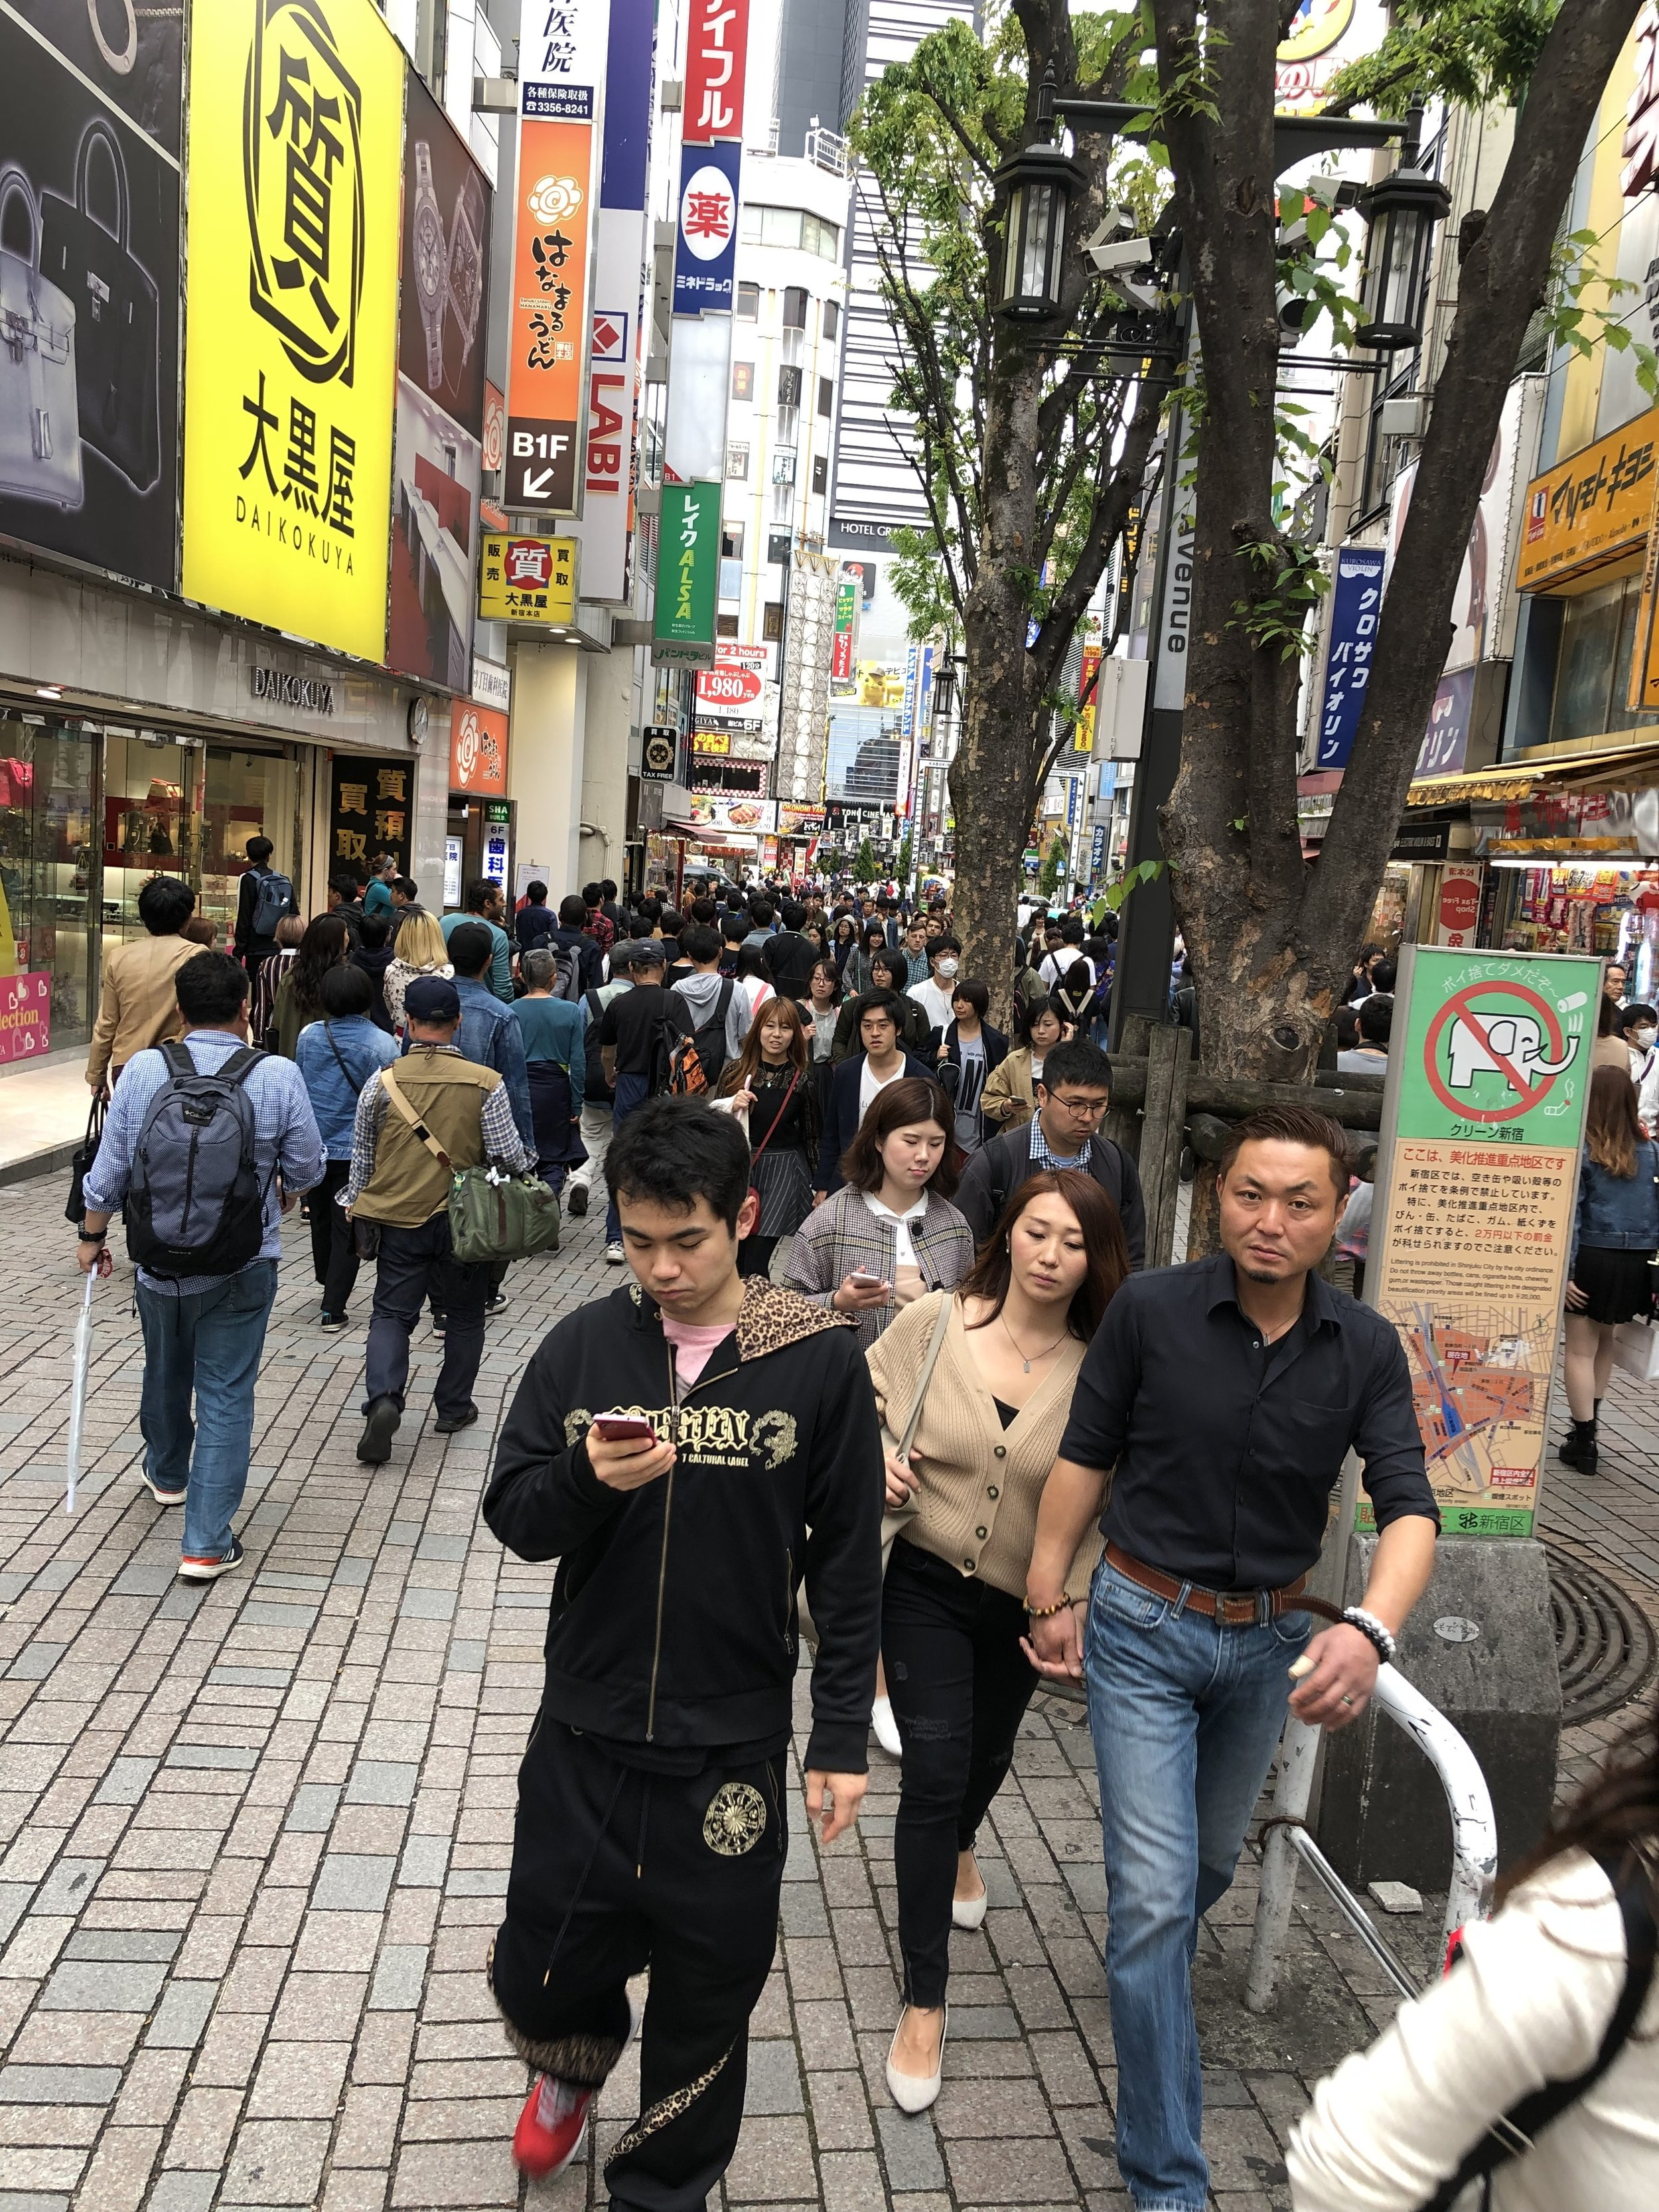 A bit crowded - Shinjuku